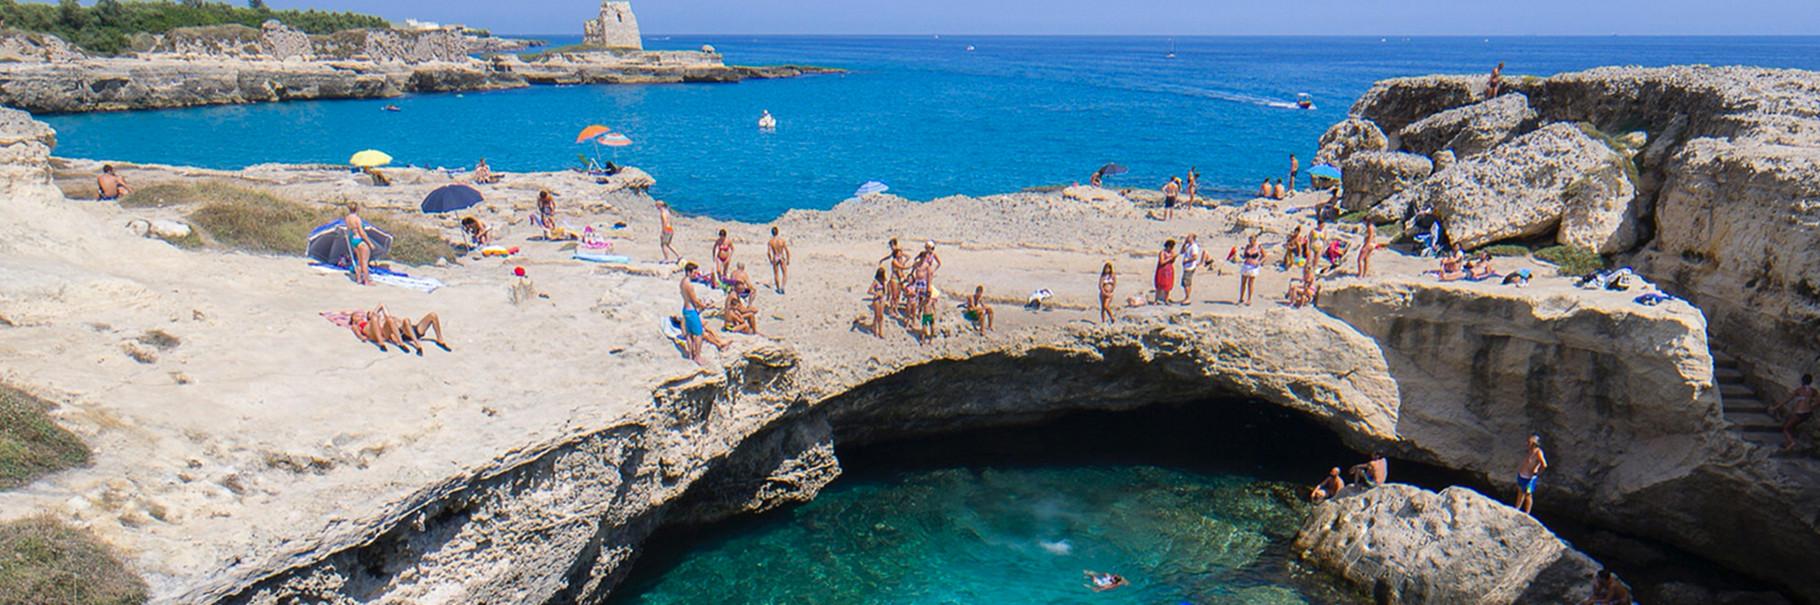 """""""La Poesia"""" - Natural swimming pool in Roca Vecchia"""